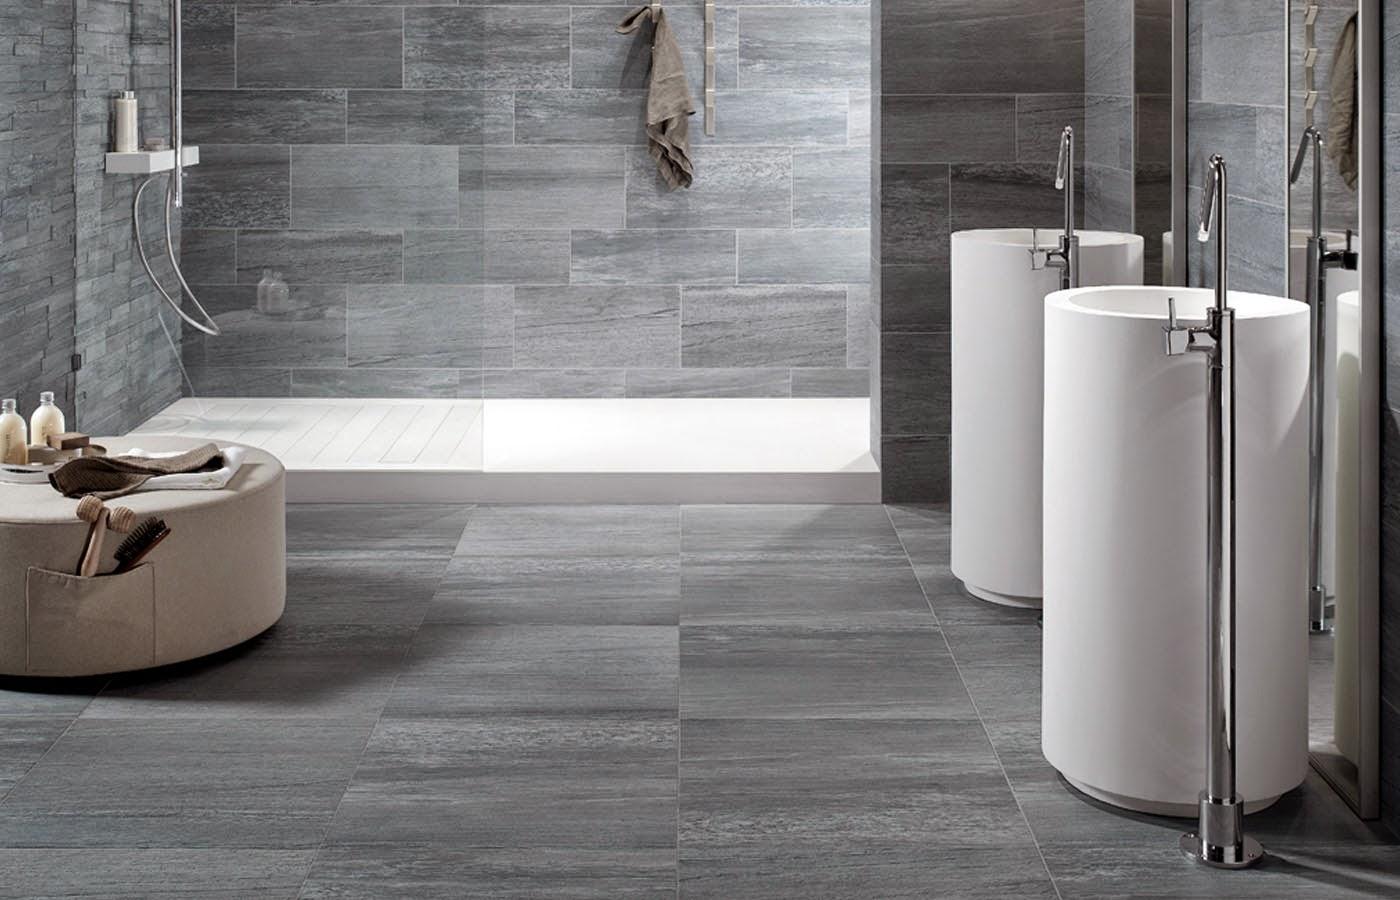 Amedeo liberatoscioli consigli utili arredare con il grigio e il nero for Tinteggiare il bagno